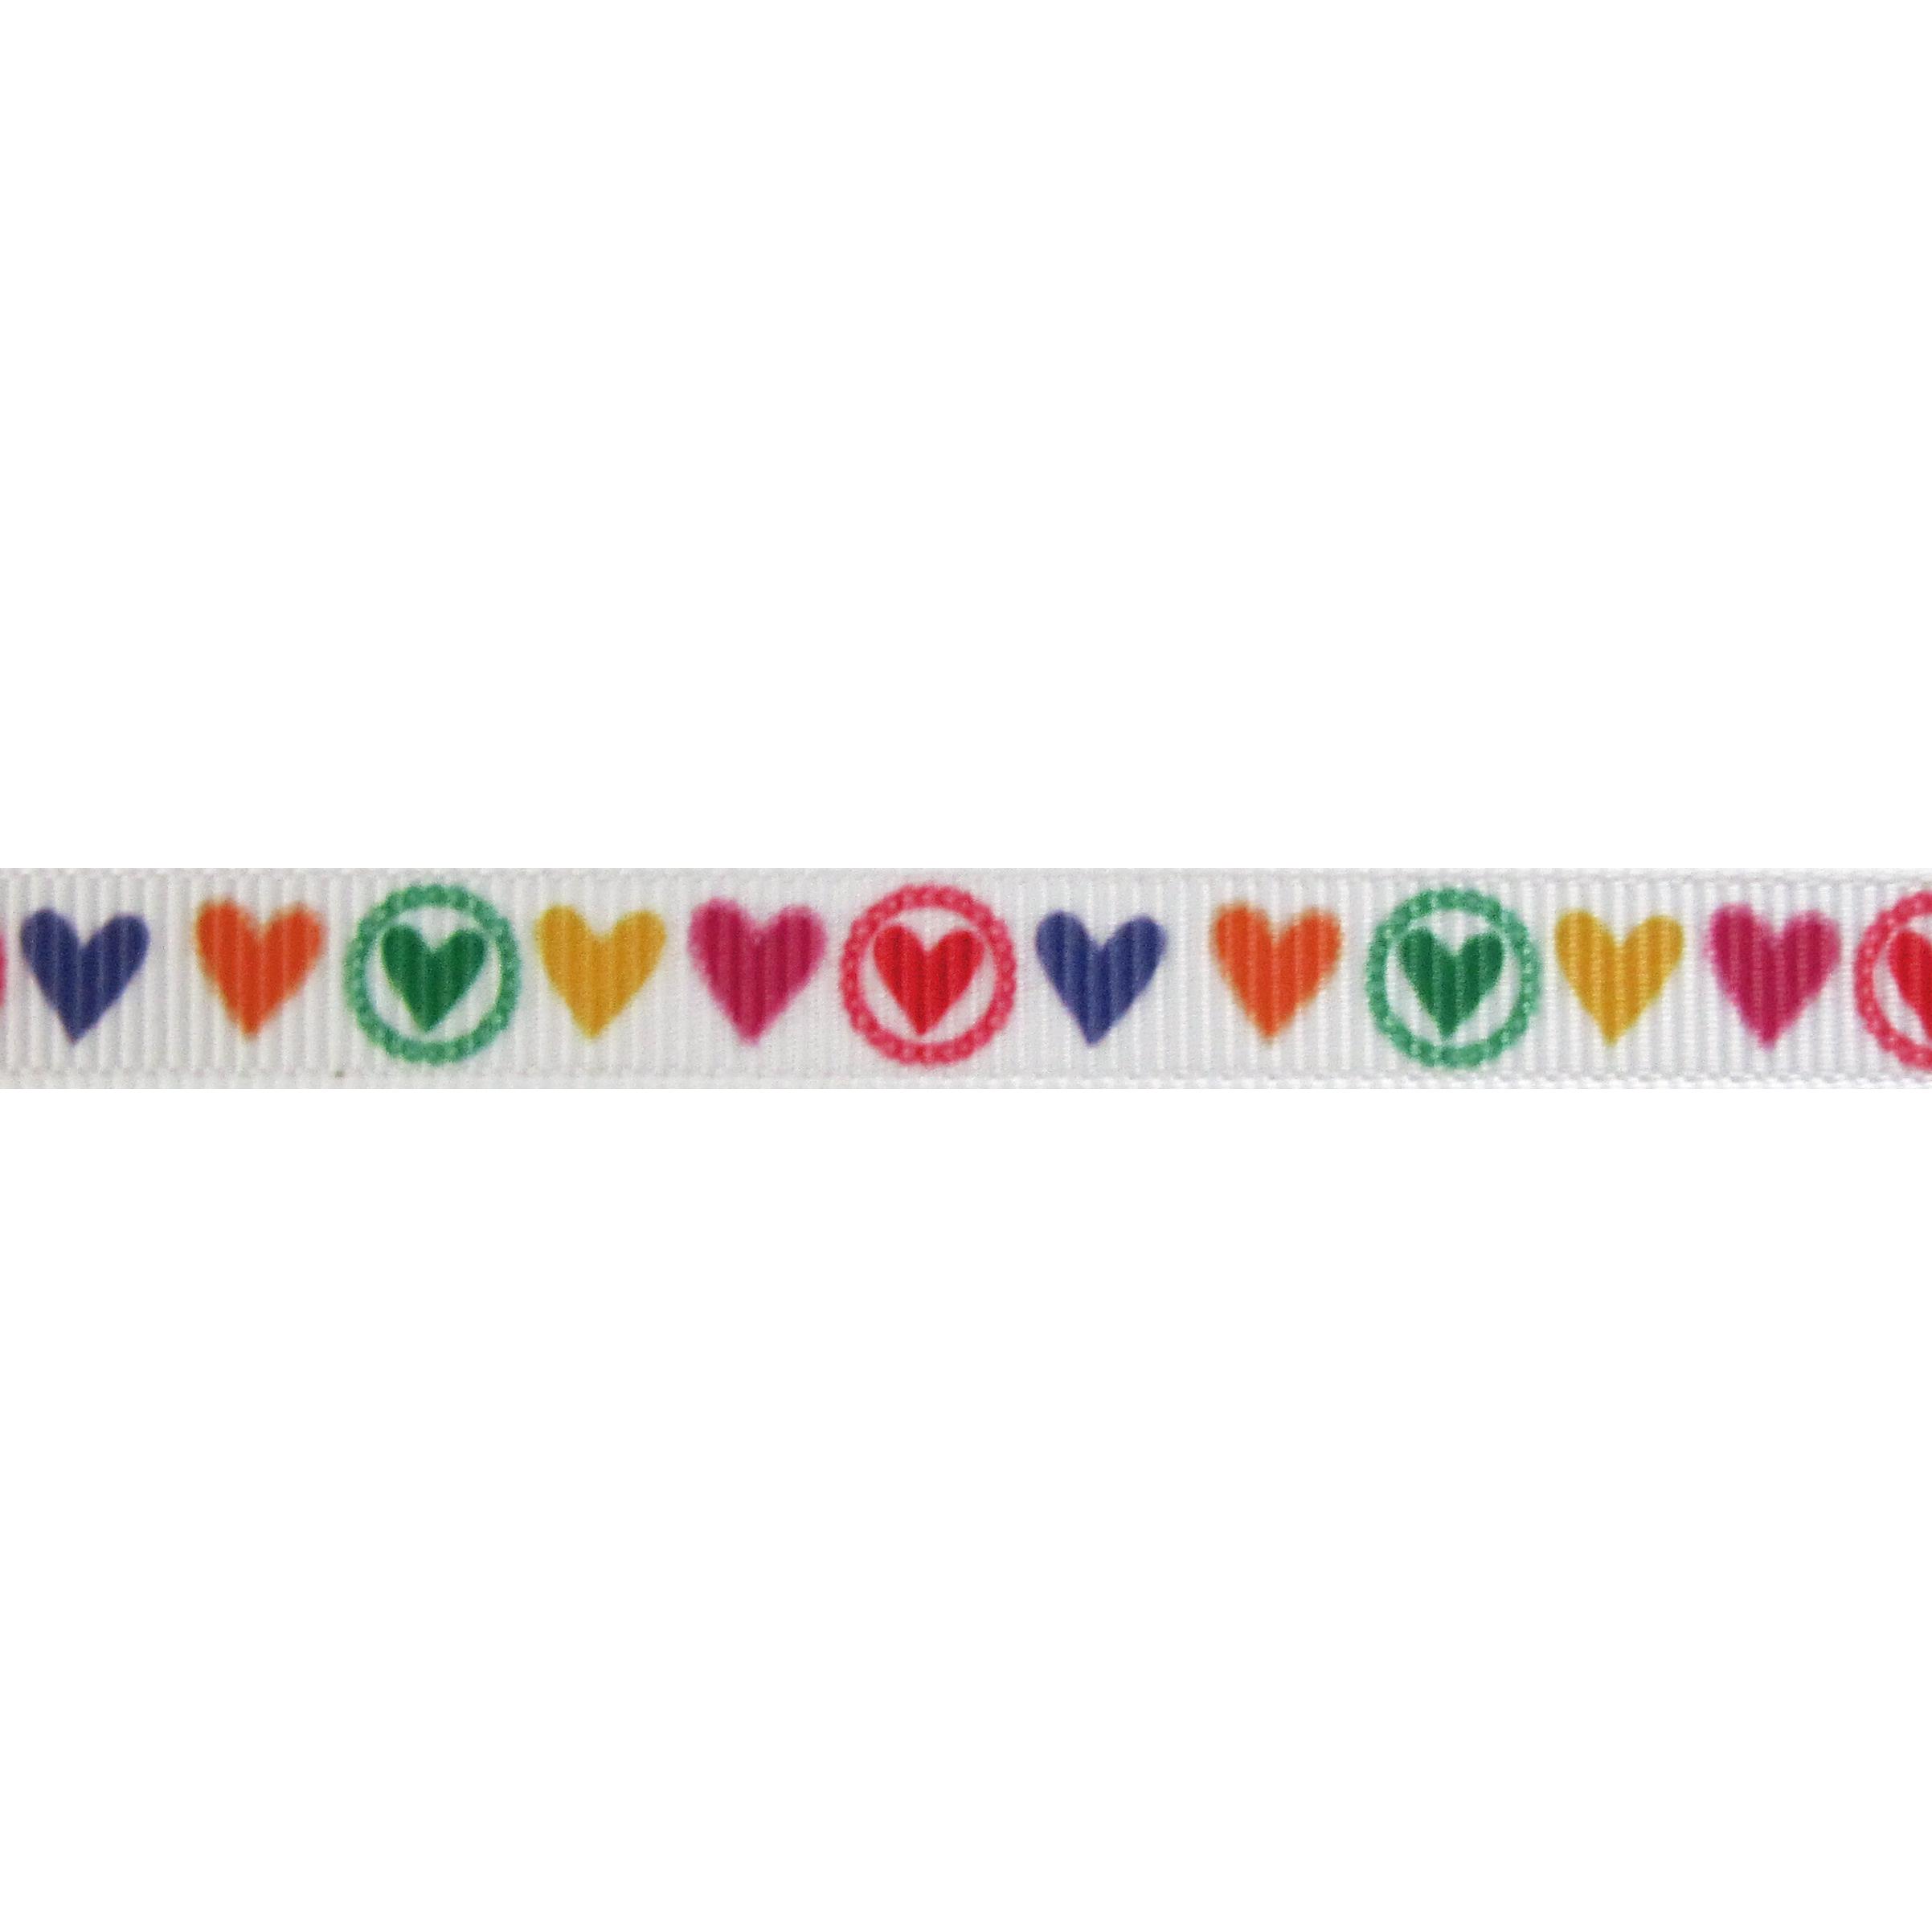 Lint harten 10mm - Wit Rood Geel Pink Groen Paars Oranje